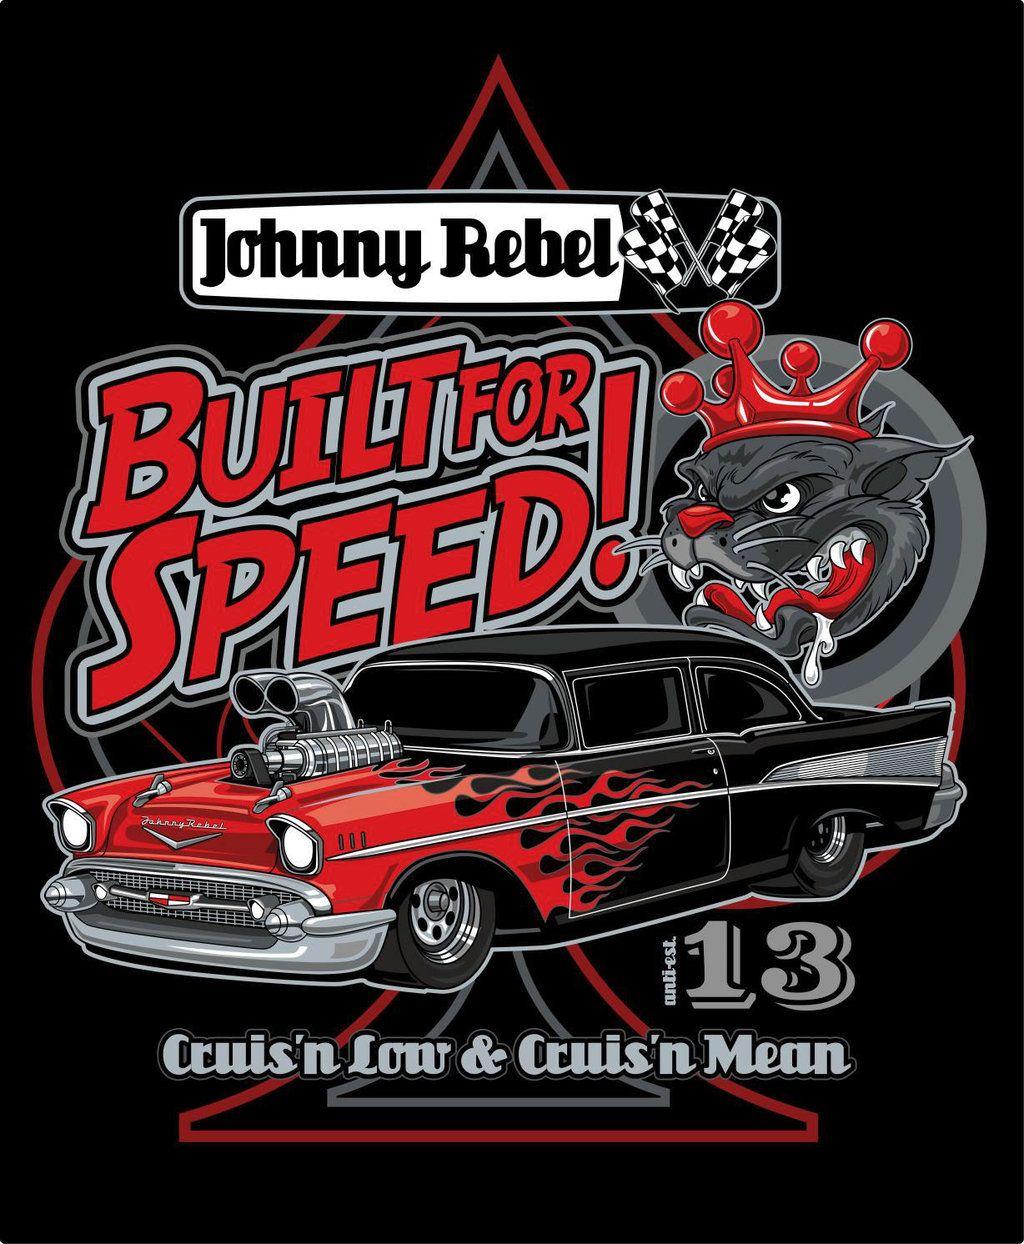 T shirt design reno nv - Johnny Rebel T Shirt Design Built For Speed By Russellink Deviantart Com On